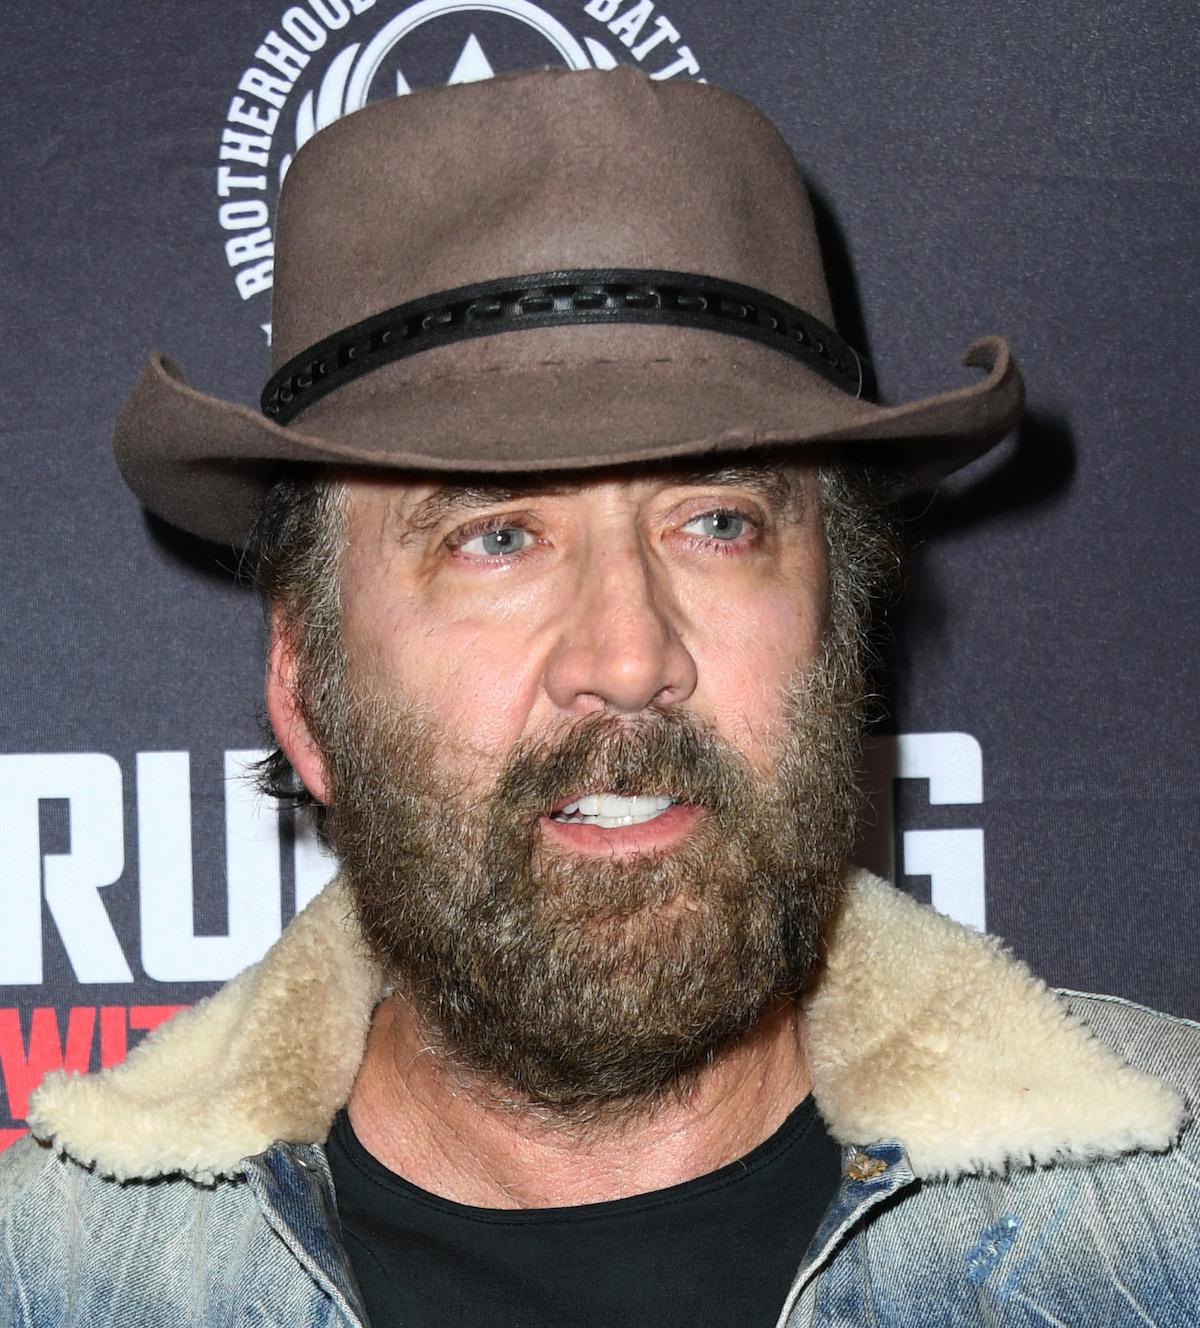 Nicolas Cage in a cowboy hat